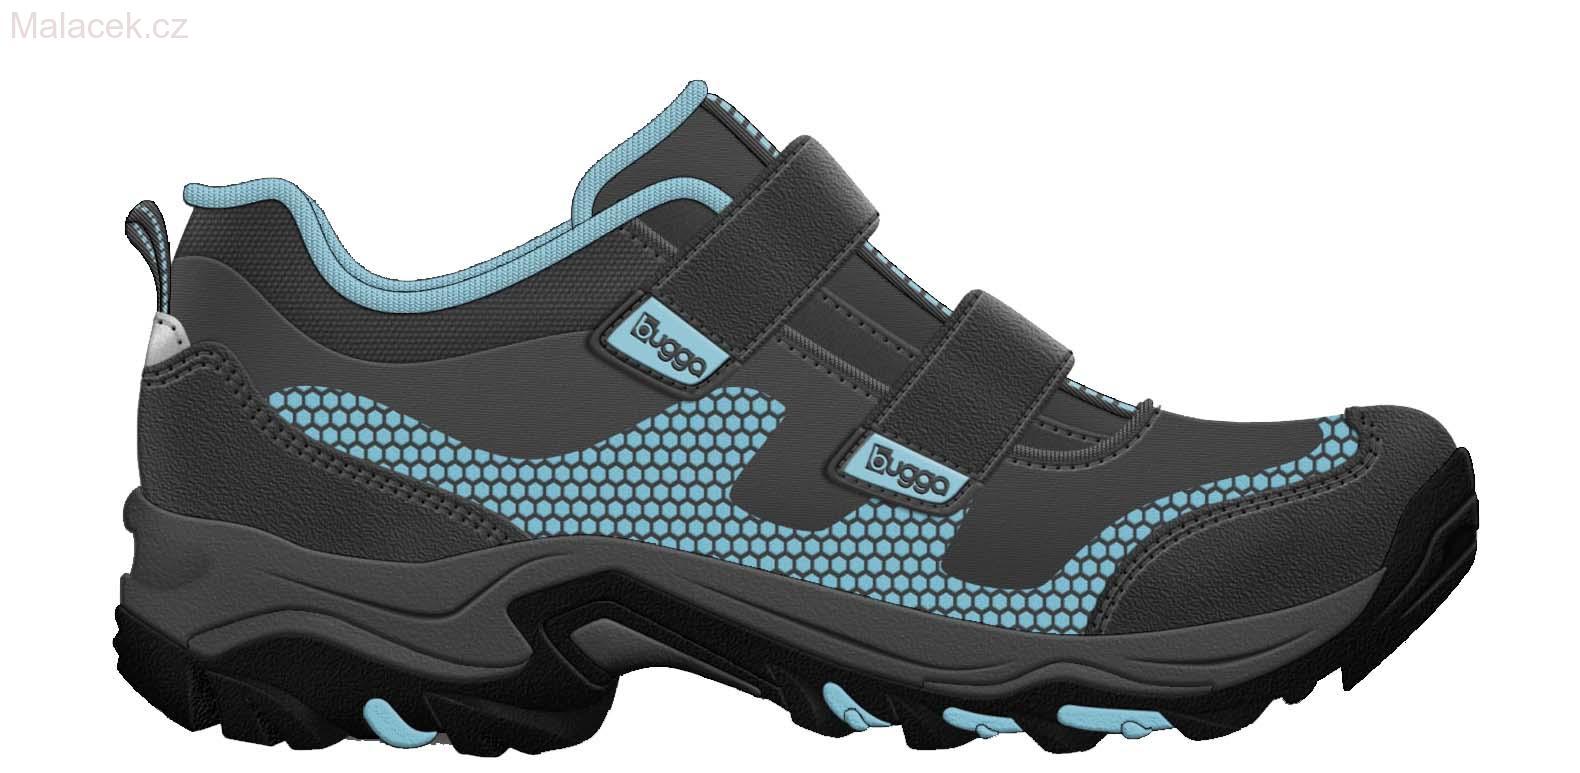 Celoroční softshellová sportovní obuv BUGGA - modrá barva